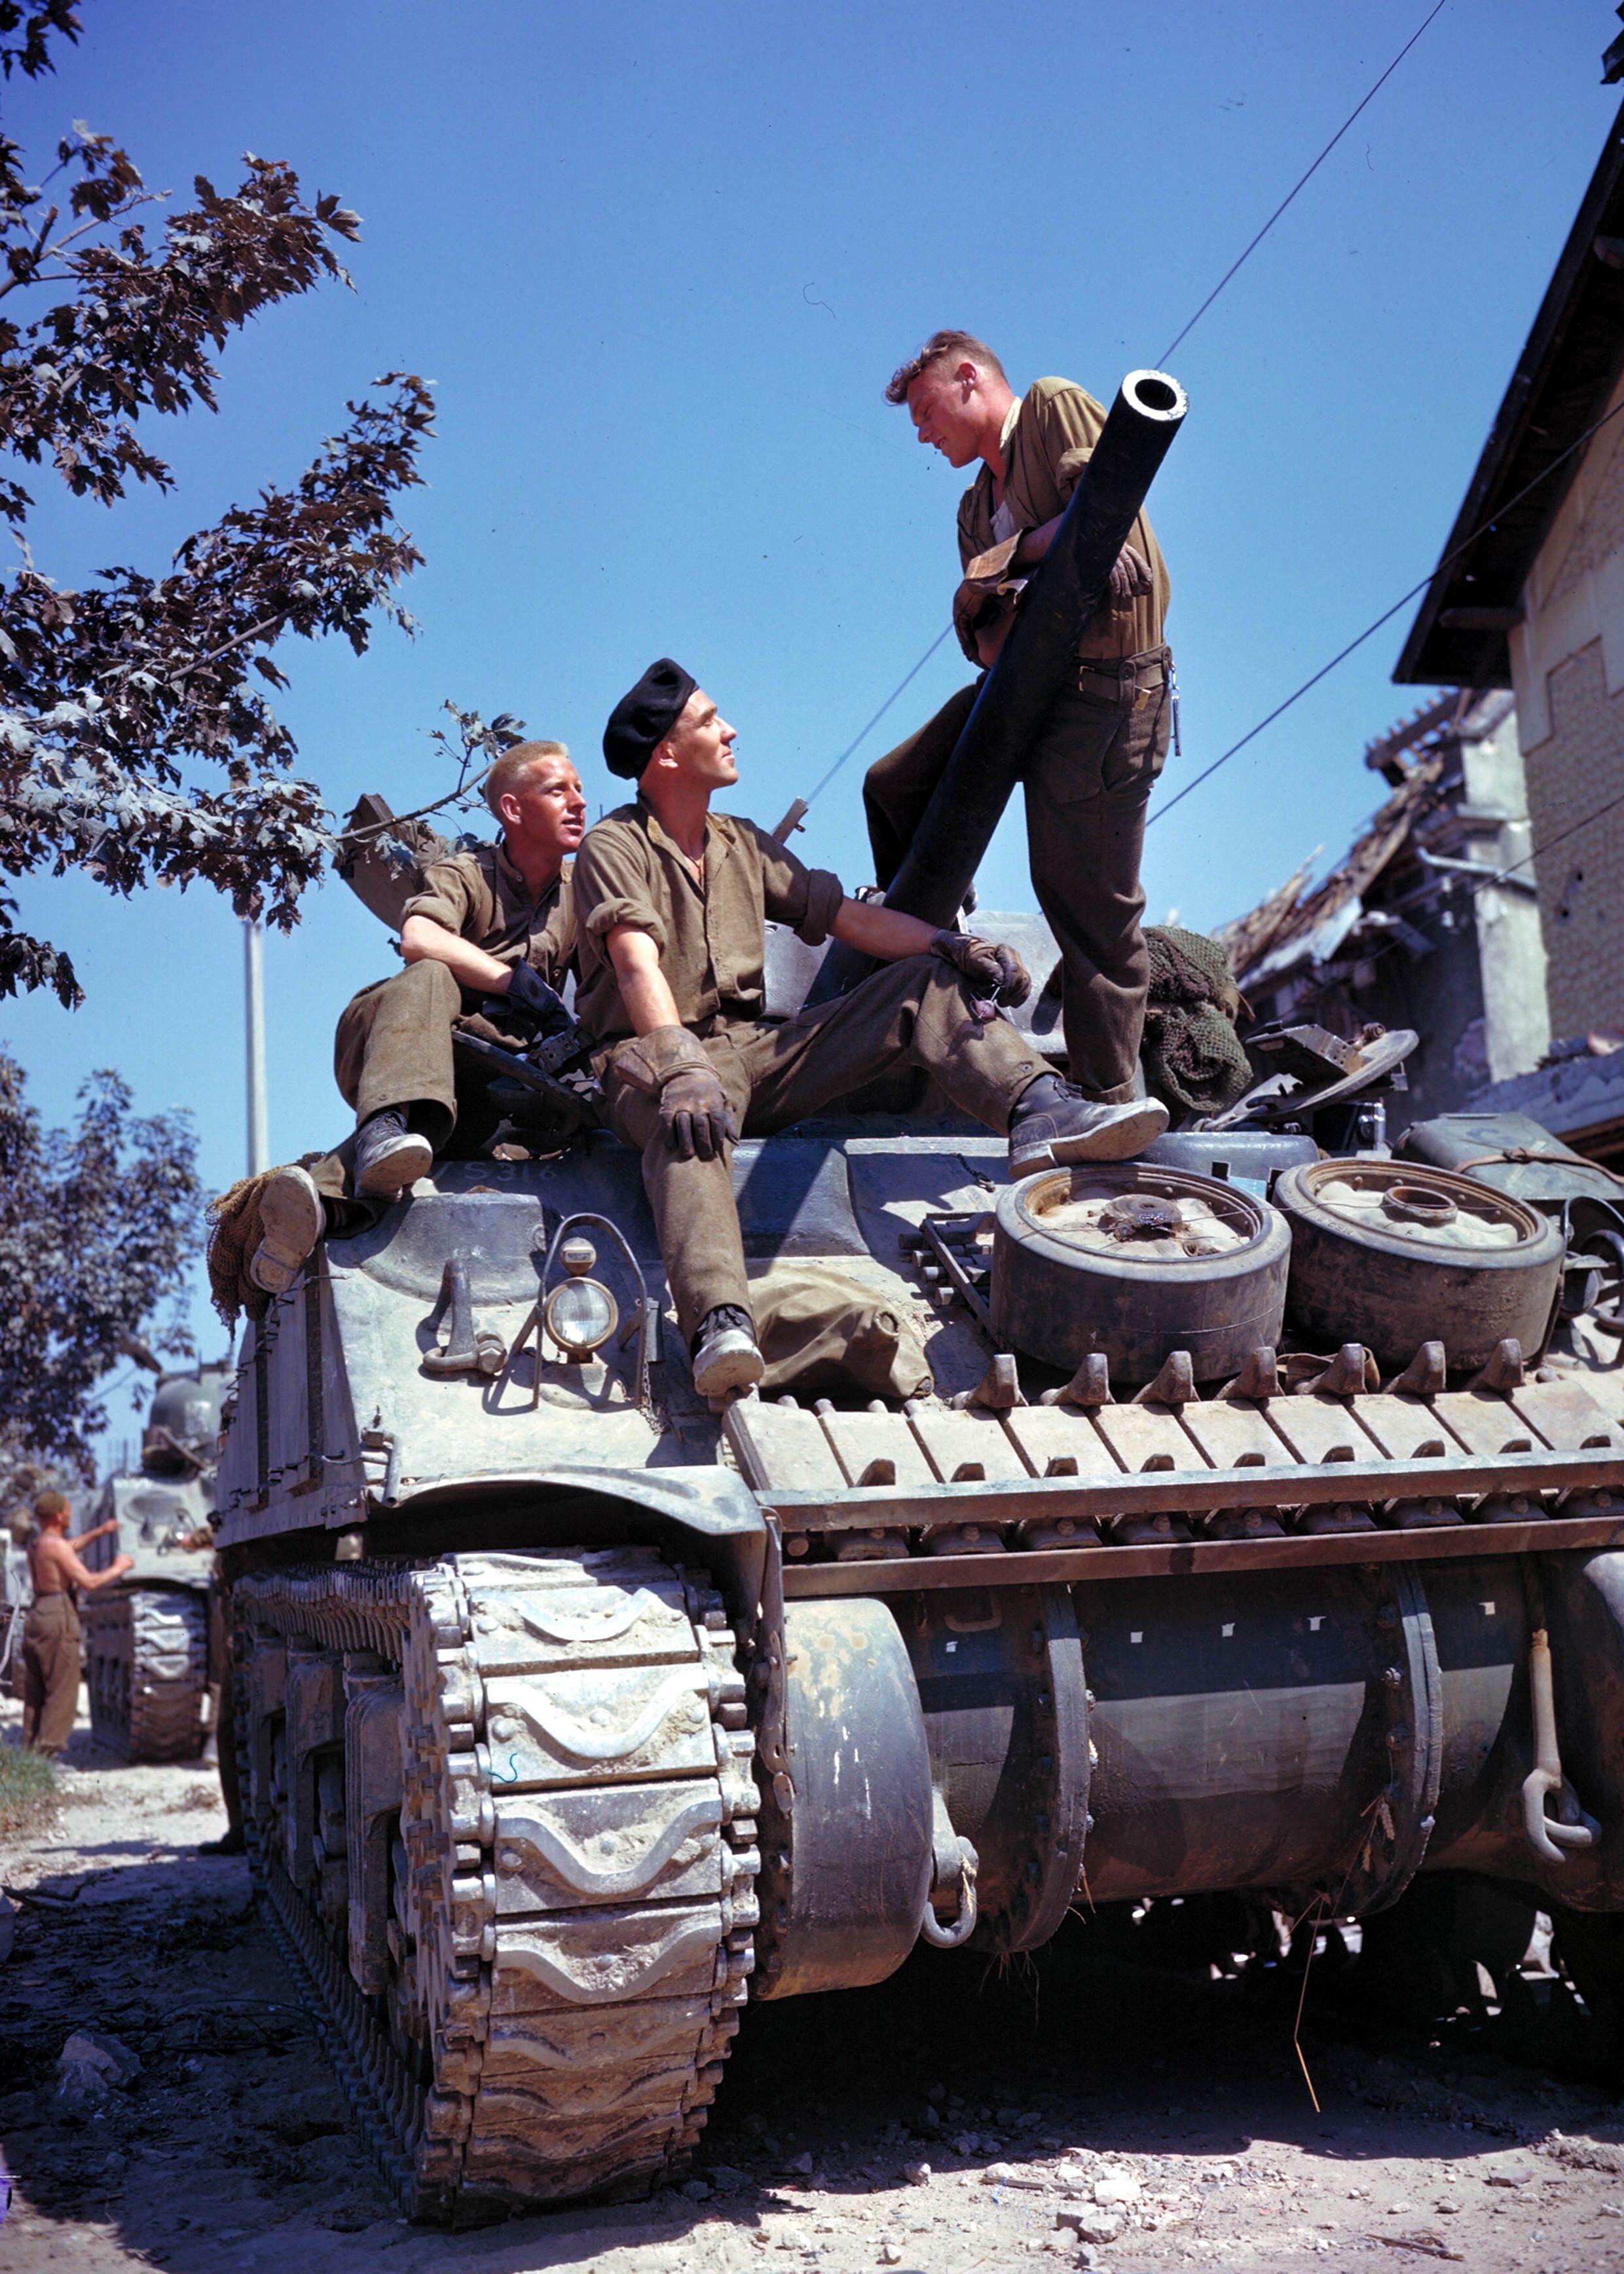 Crew of a Sherman tank south of Vaucelles - Des soldats Canadiens sur leur Sherman après de Vaucelles (au Sud de Caen) en juin 1944